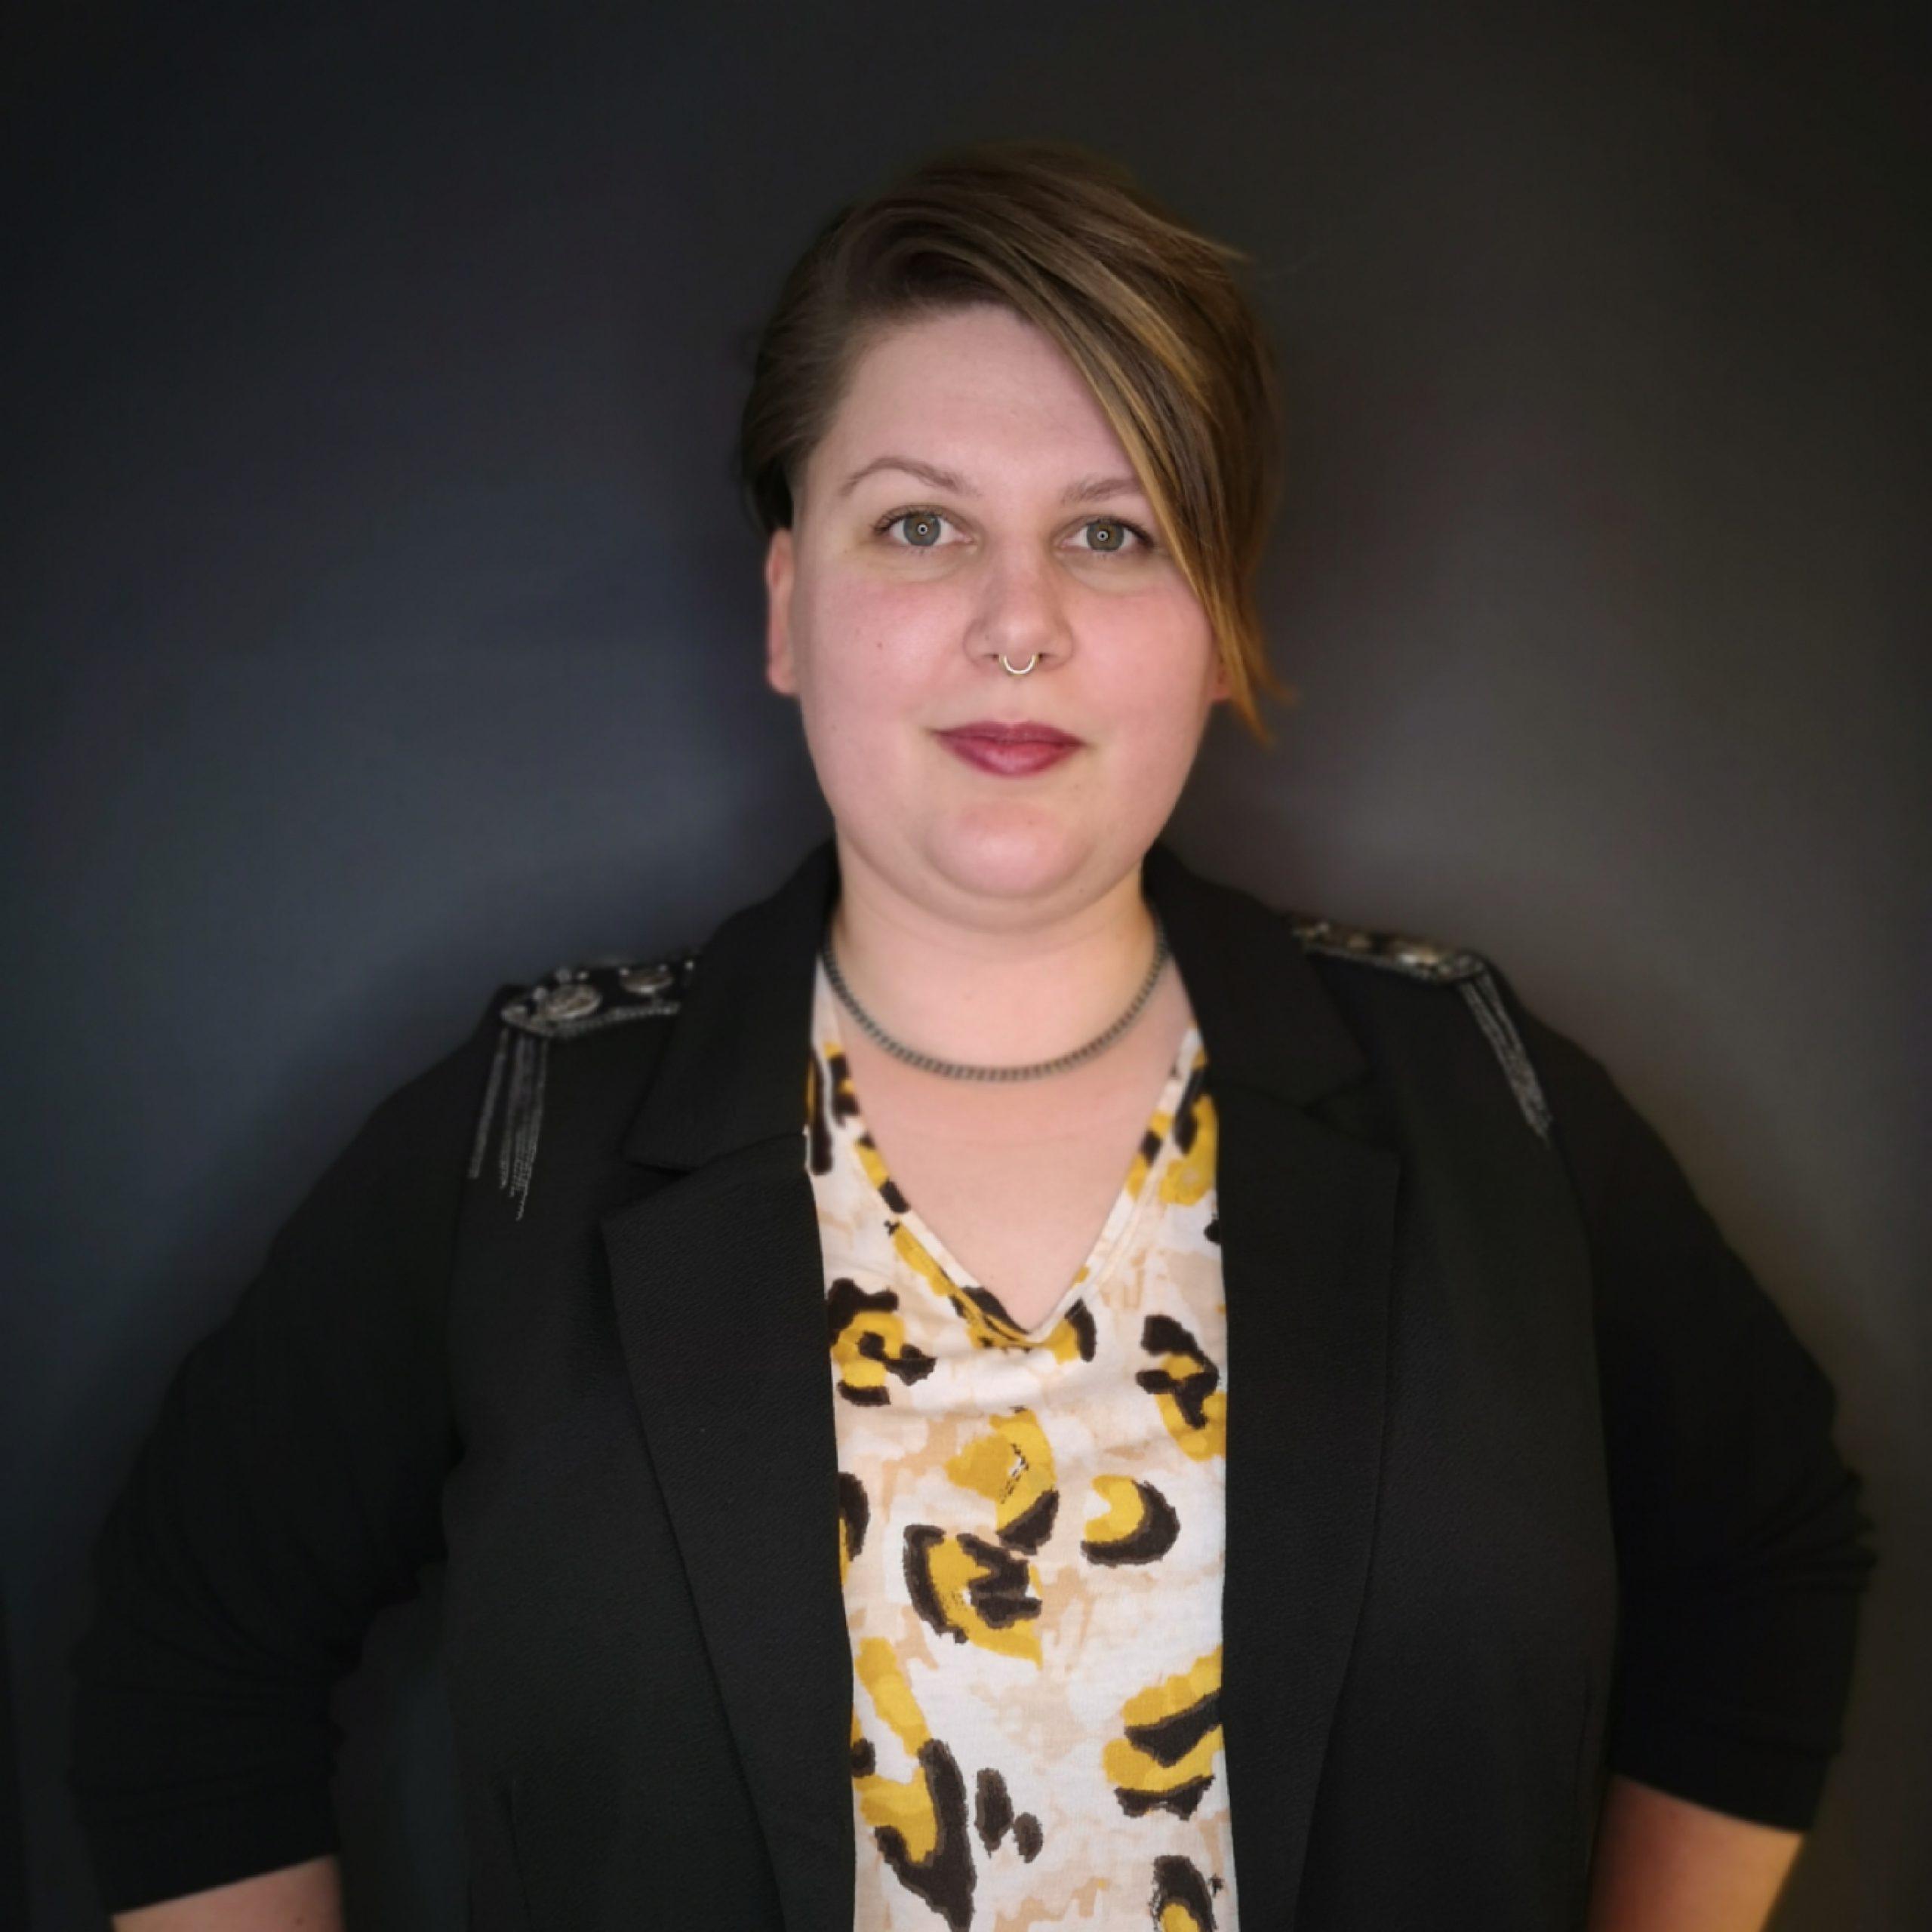 Emmelie Larsson